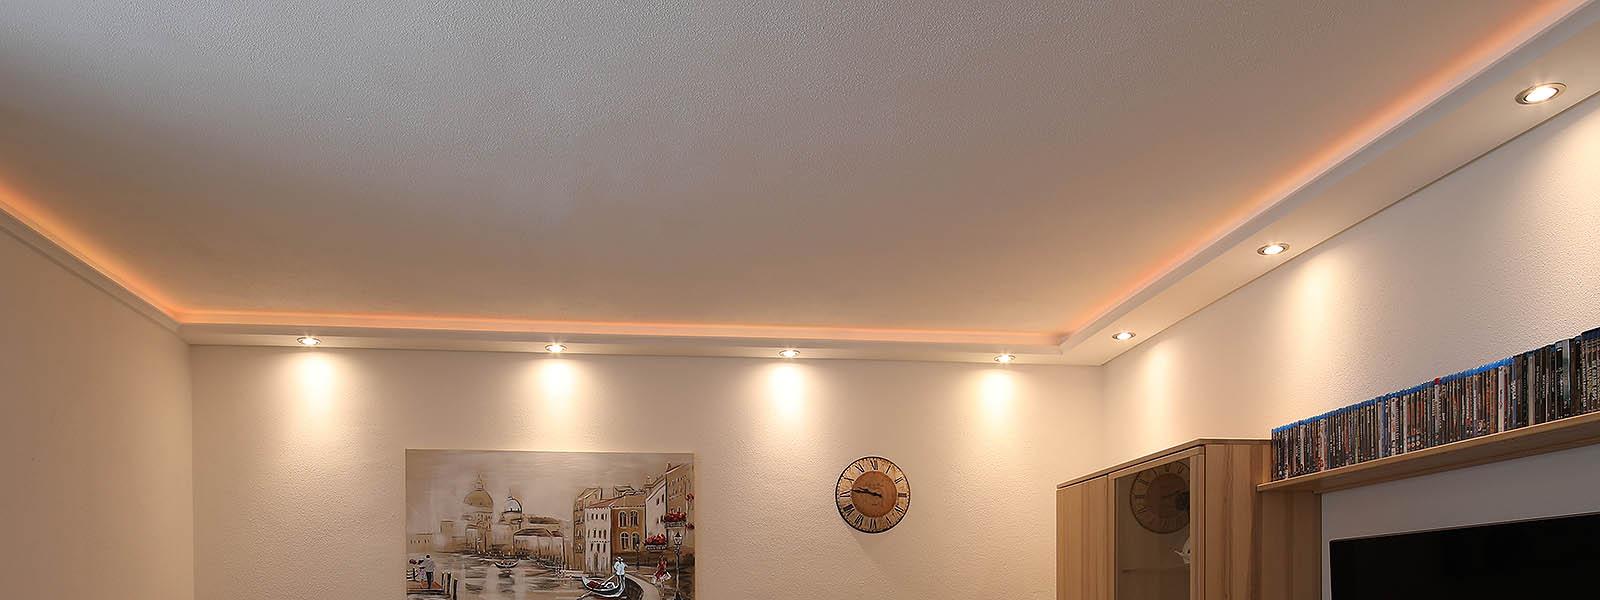 Direkte Beleuchtung im Wohnzimmer mit LED Strahlern und Stuckleisten